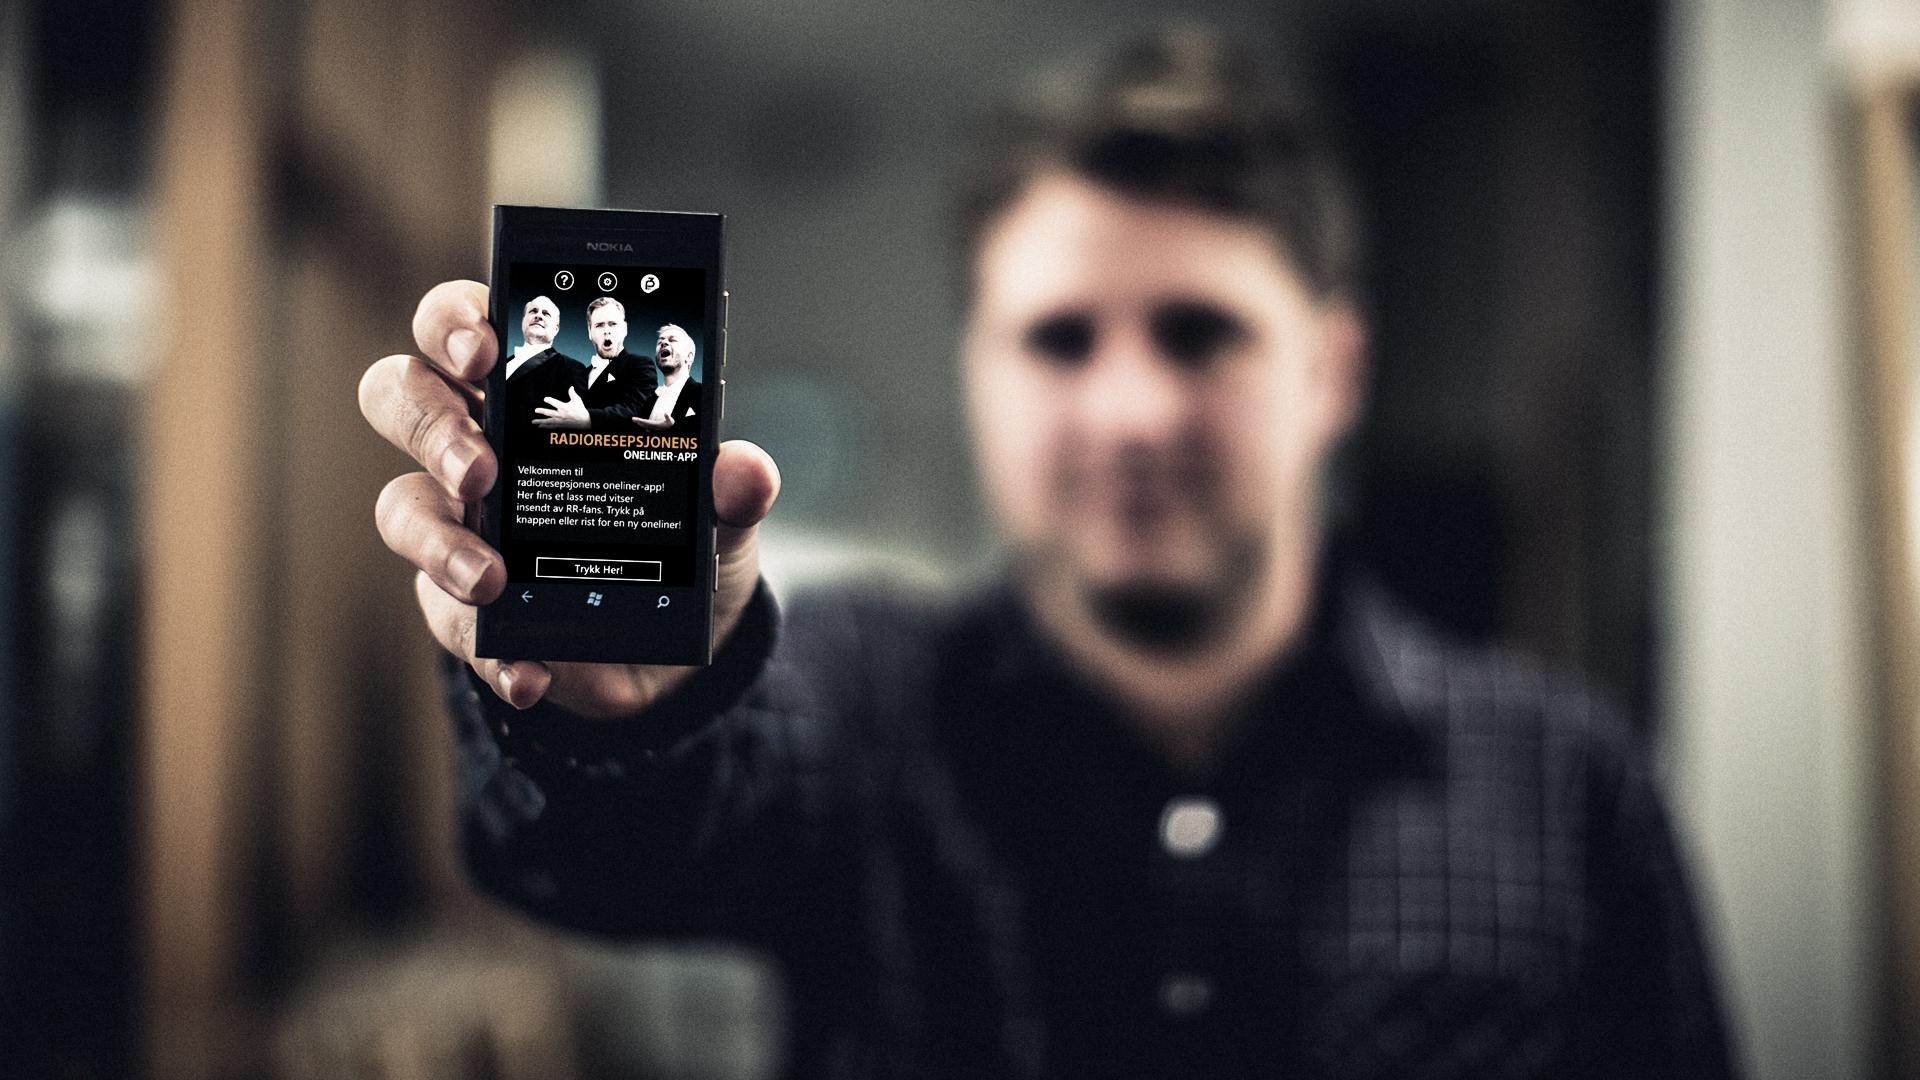 Radioresepsjonens oneliner-app på en Windows-telefon (Foto: Kim Erlandsen, NRK P3).